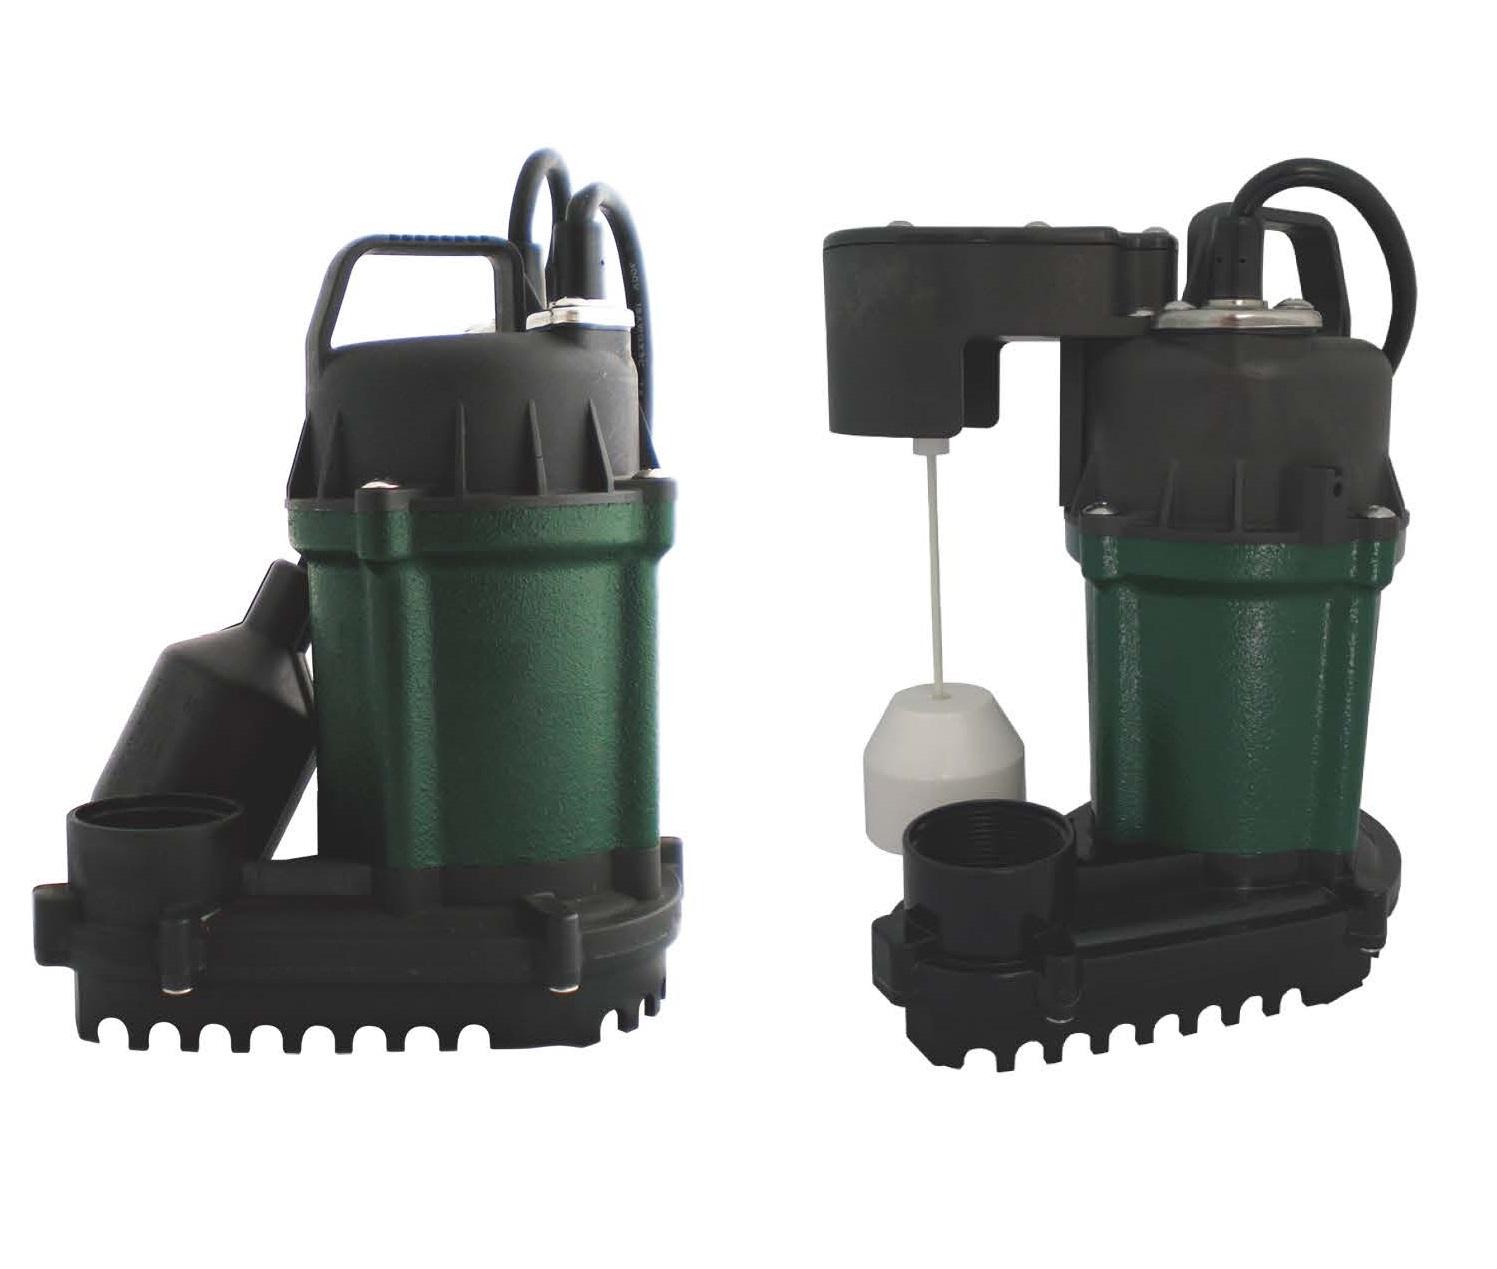 Taiwan Sump Pump System Model 49 Amp 70